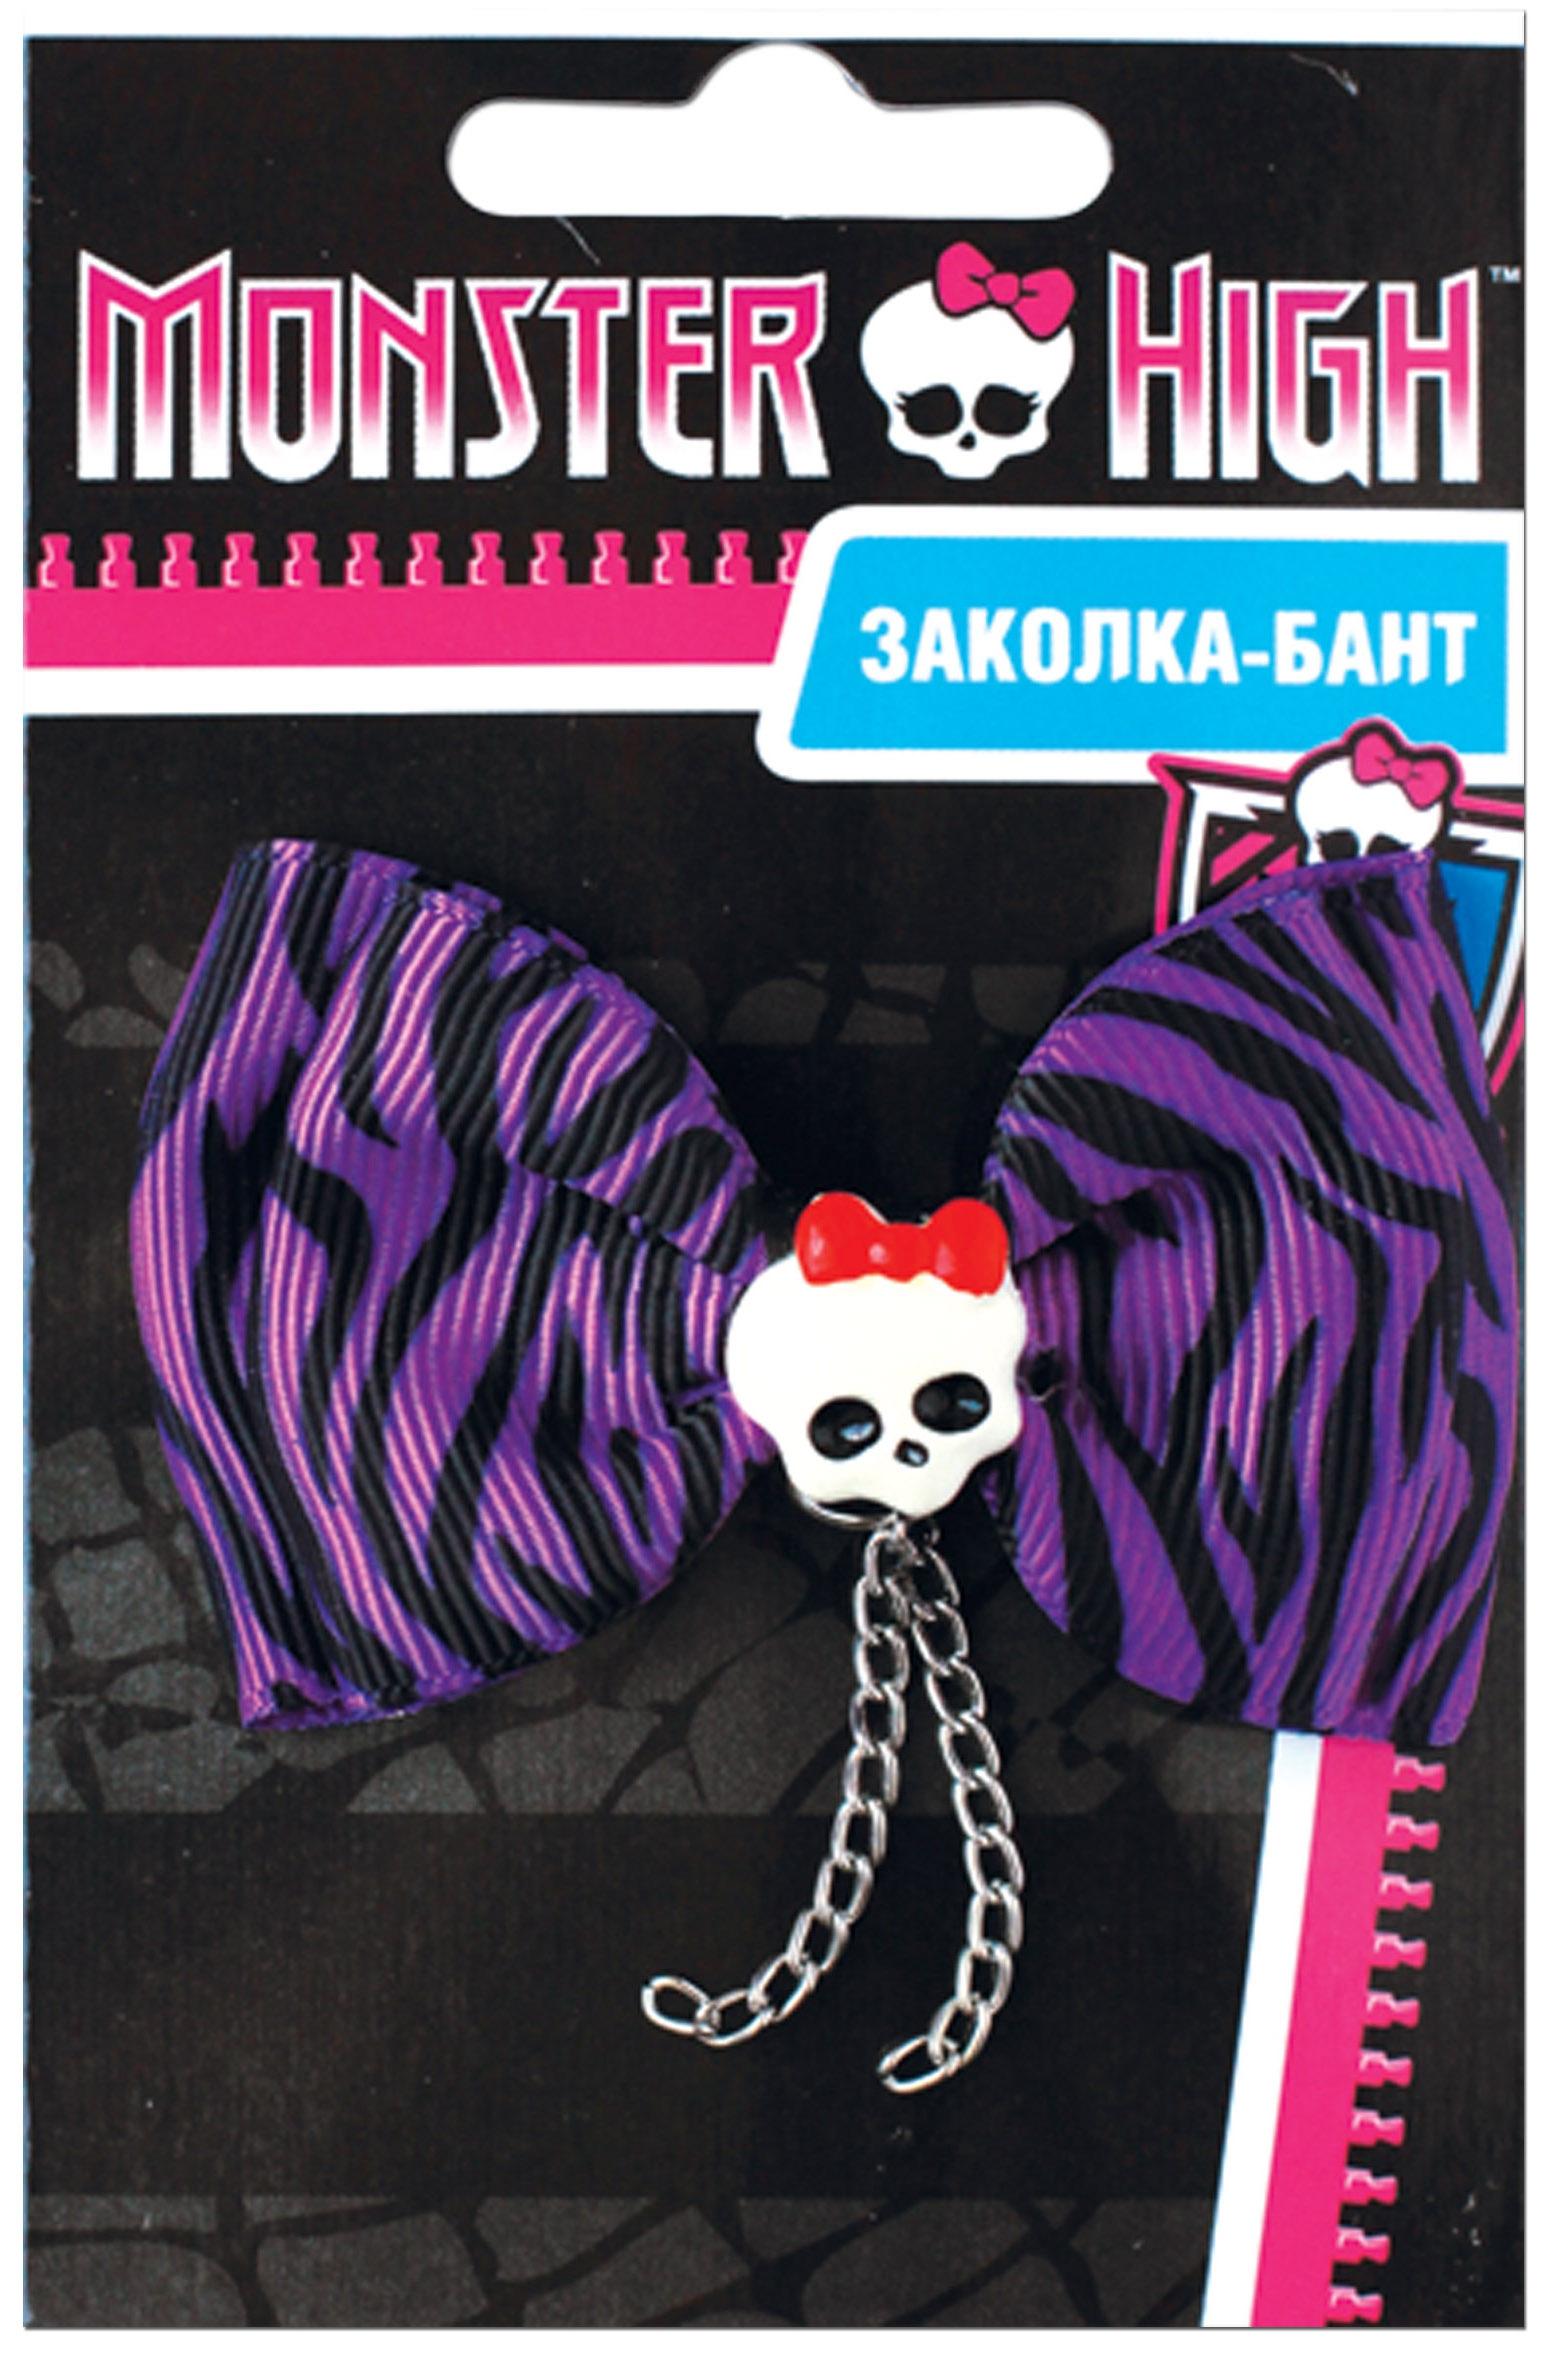 Украшения Monster High Заколка-бант для волос